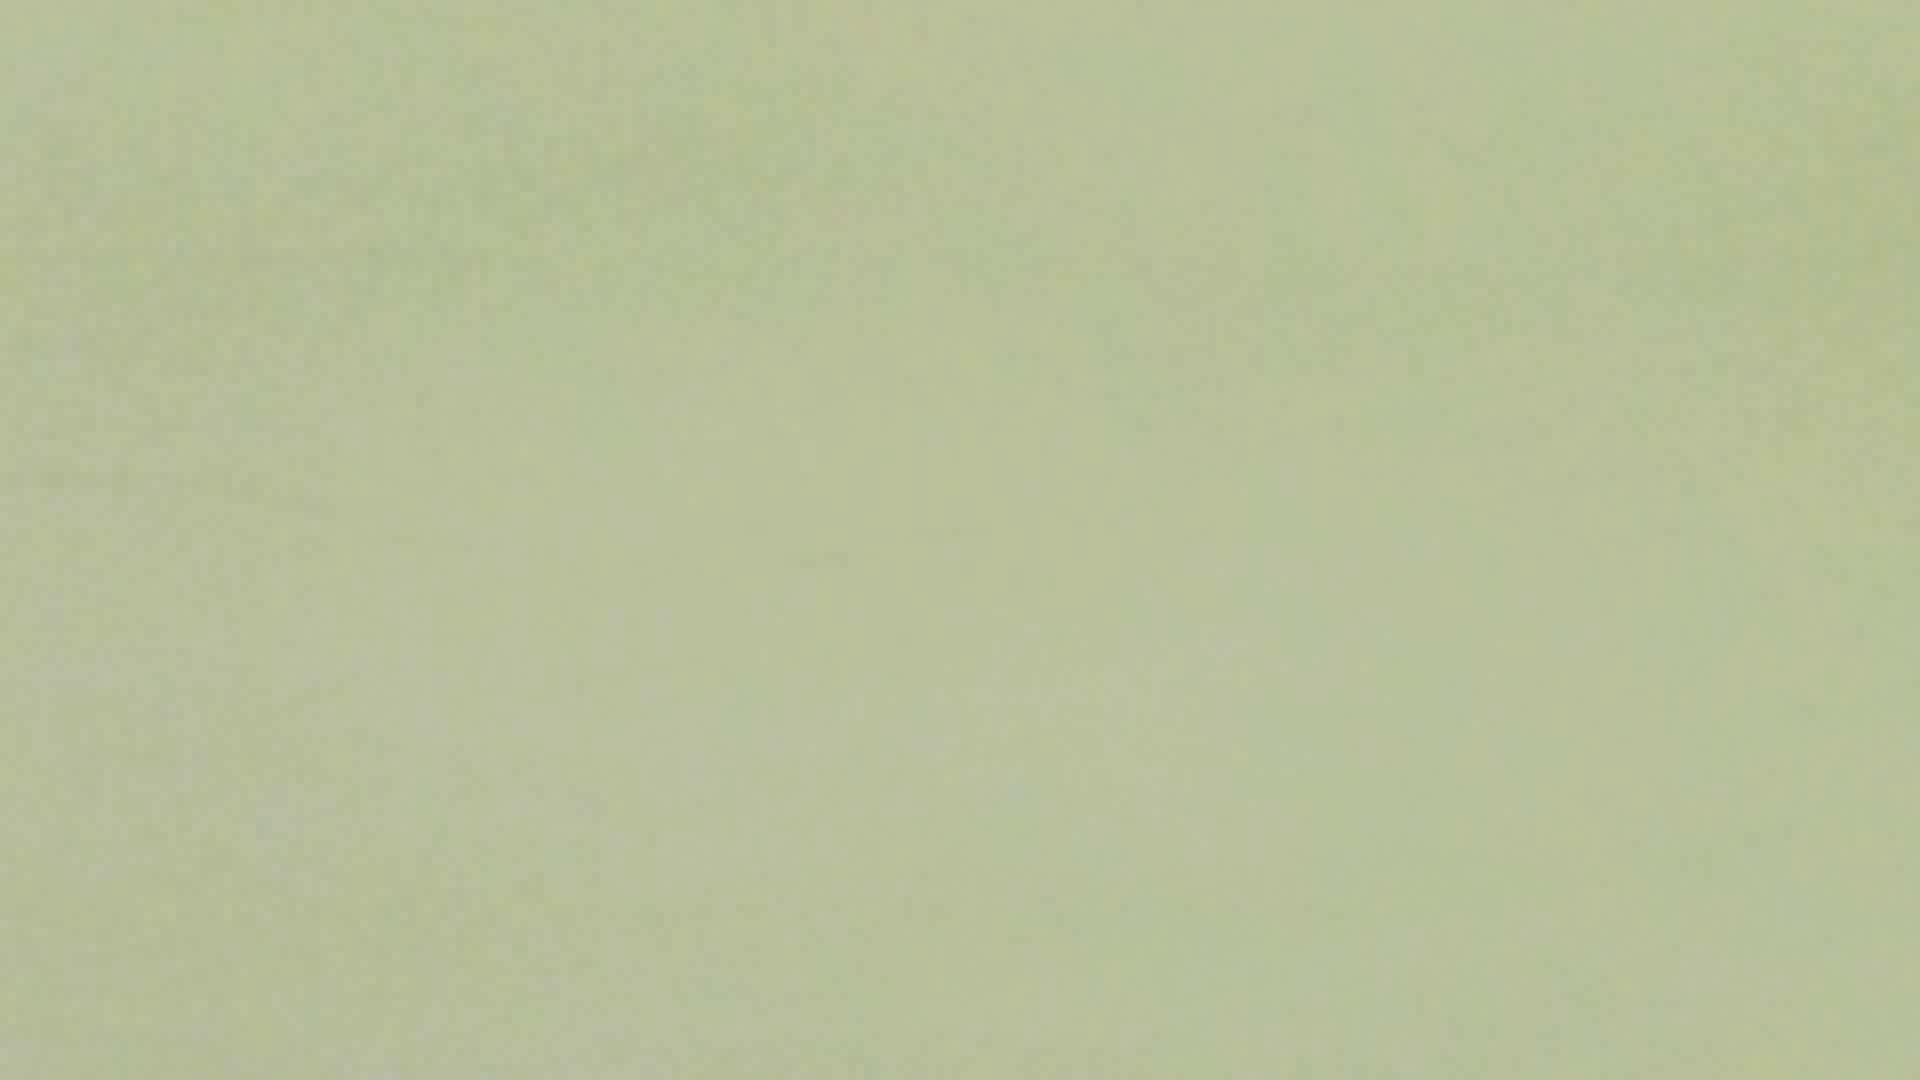 【美しき個室な世界】 vol.017 (゜∀゜) 洗面所  71PIX 34